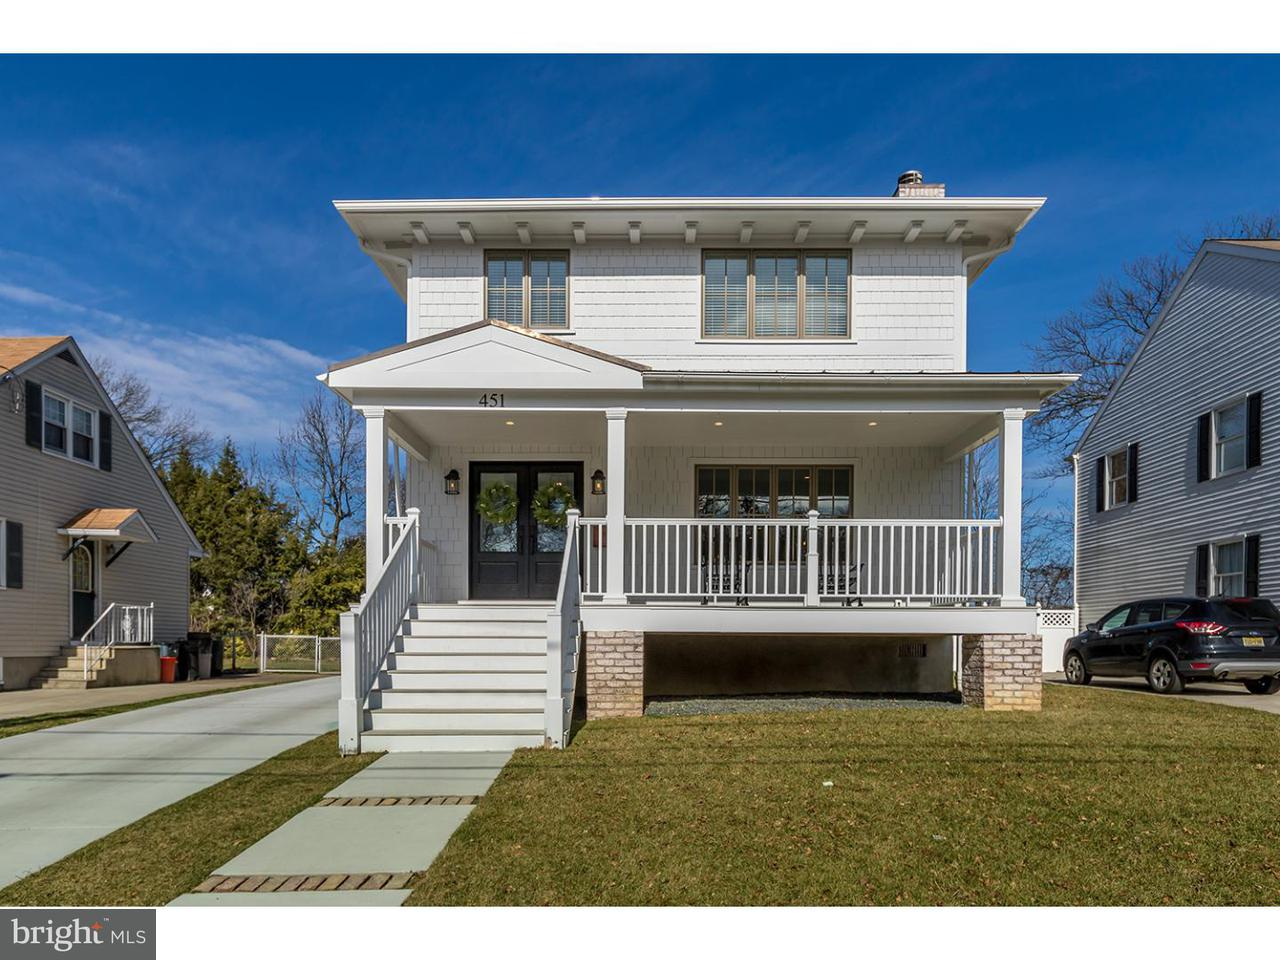 Maison unifamiliale pour l Vente à 451 E MELROSE Avenue Haddon Township, New Jersey 08108 États-Unis